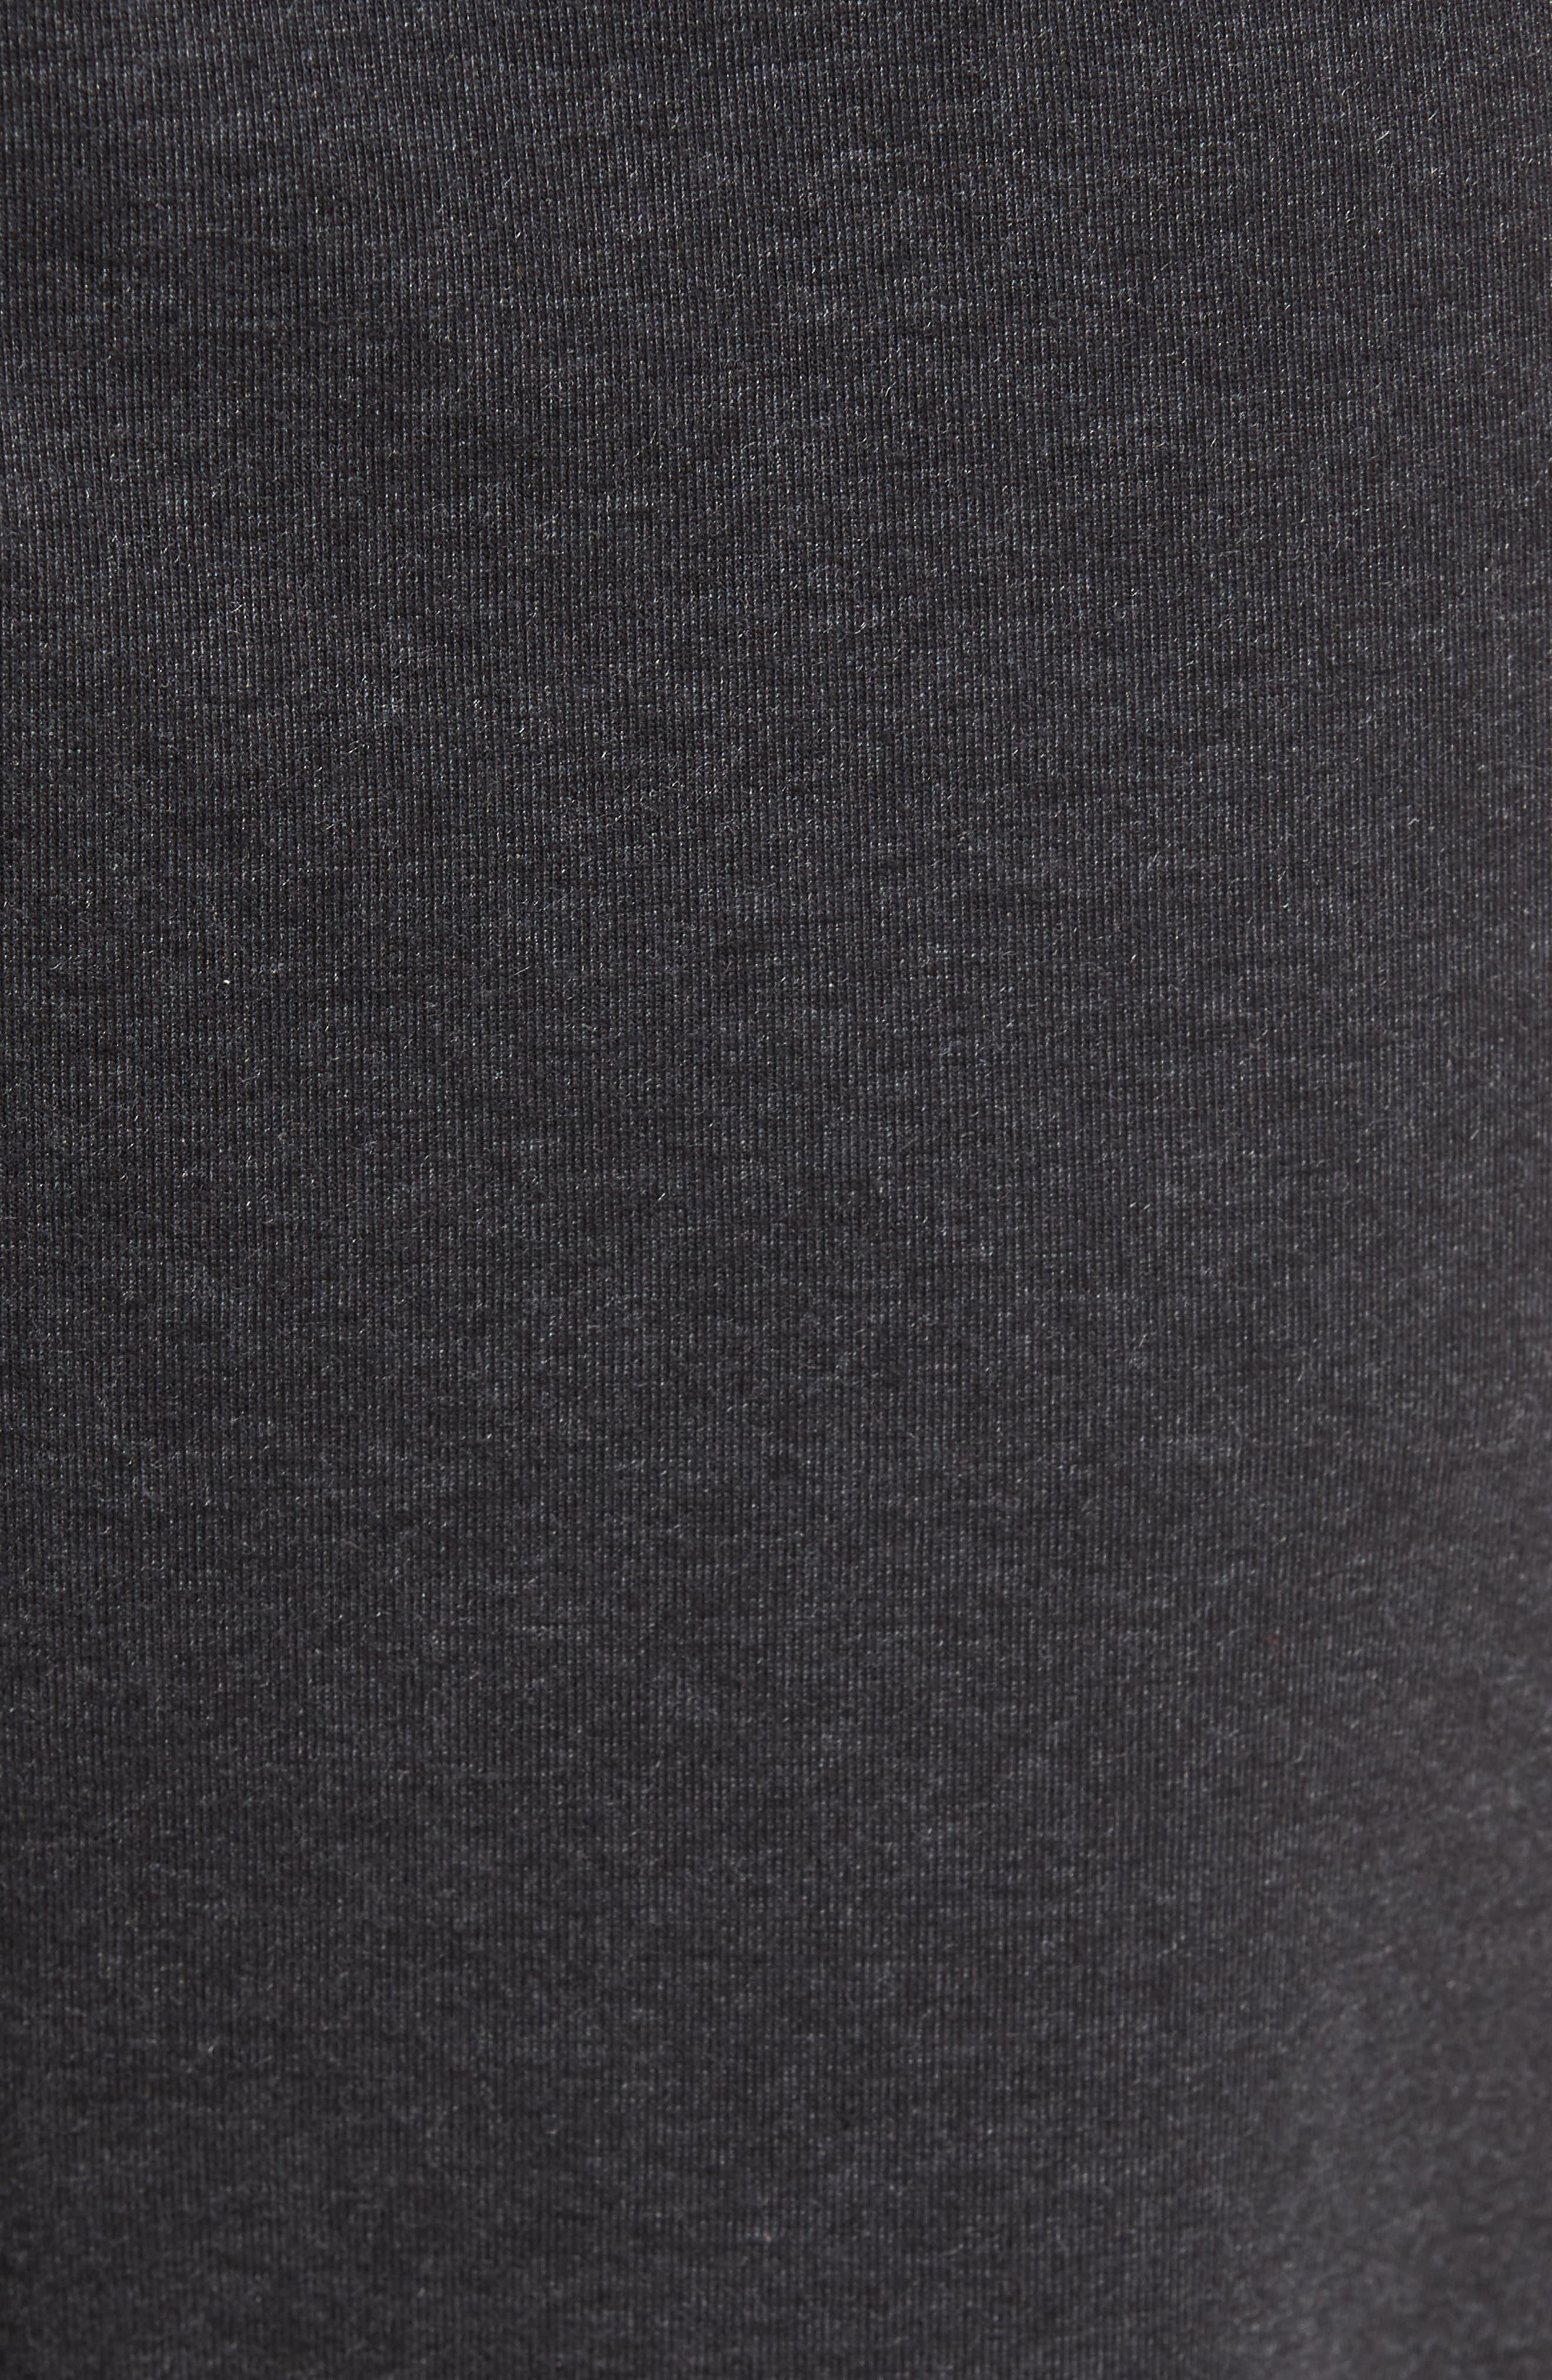 Knit Jogger Pants,                             Alternate thumbnail 5, color,                             001